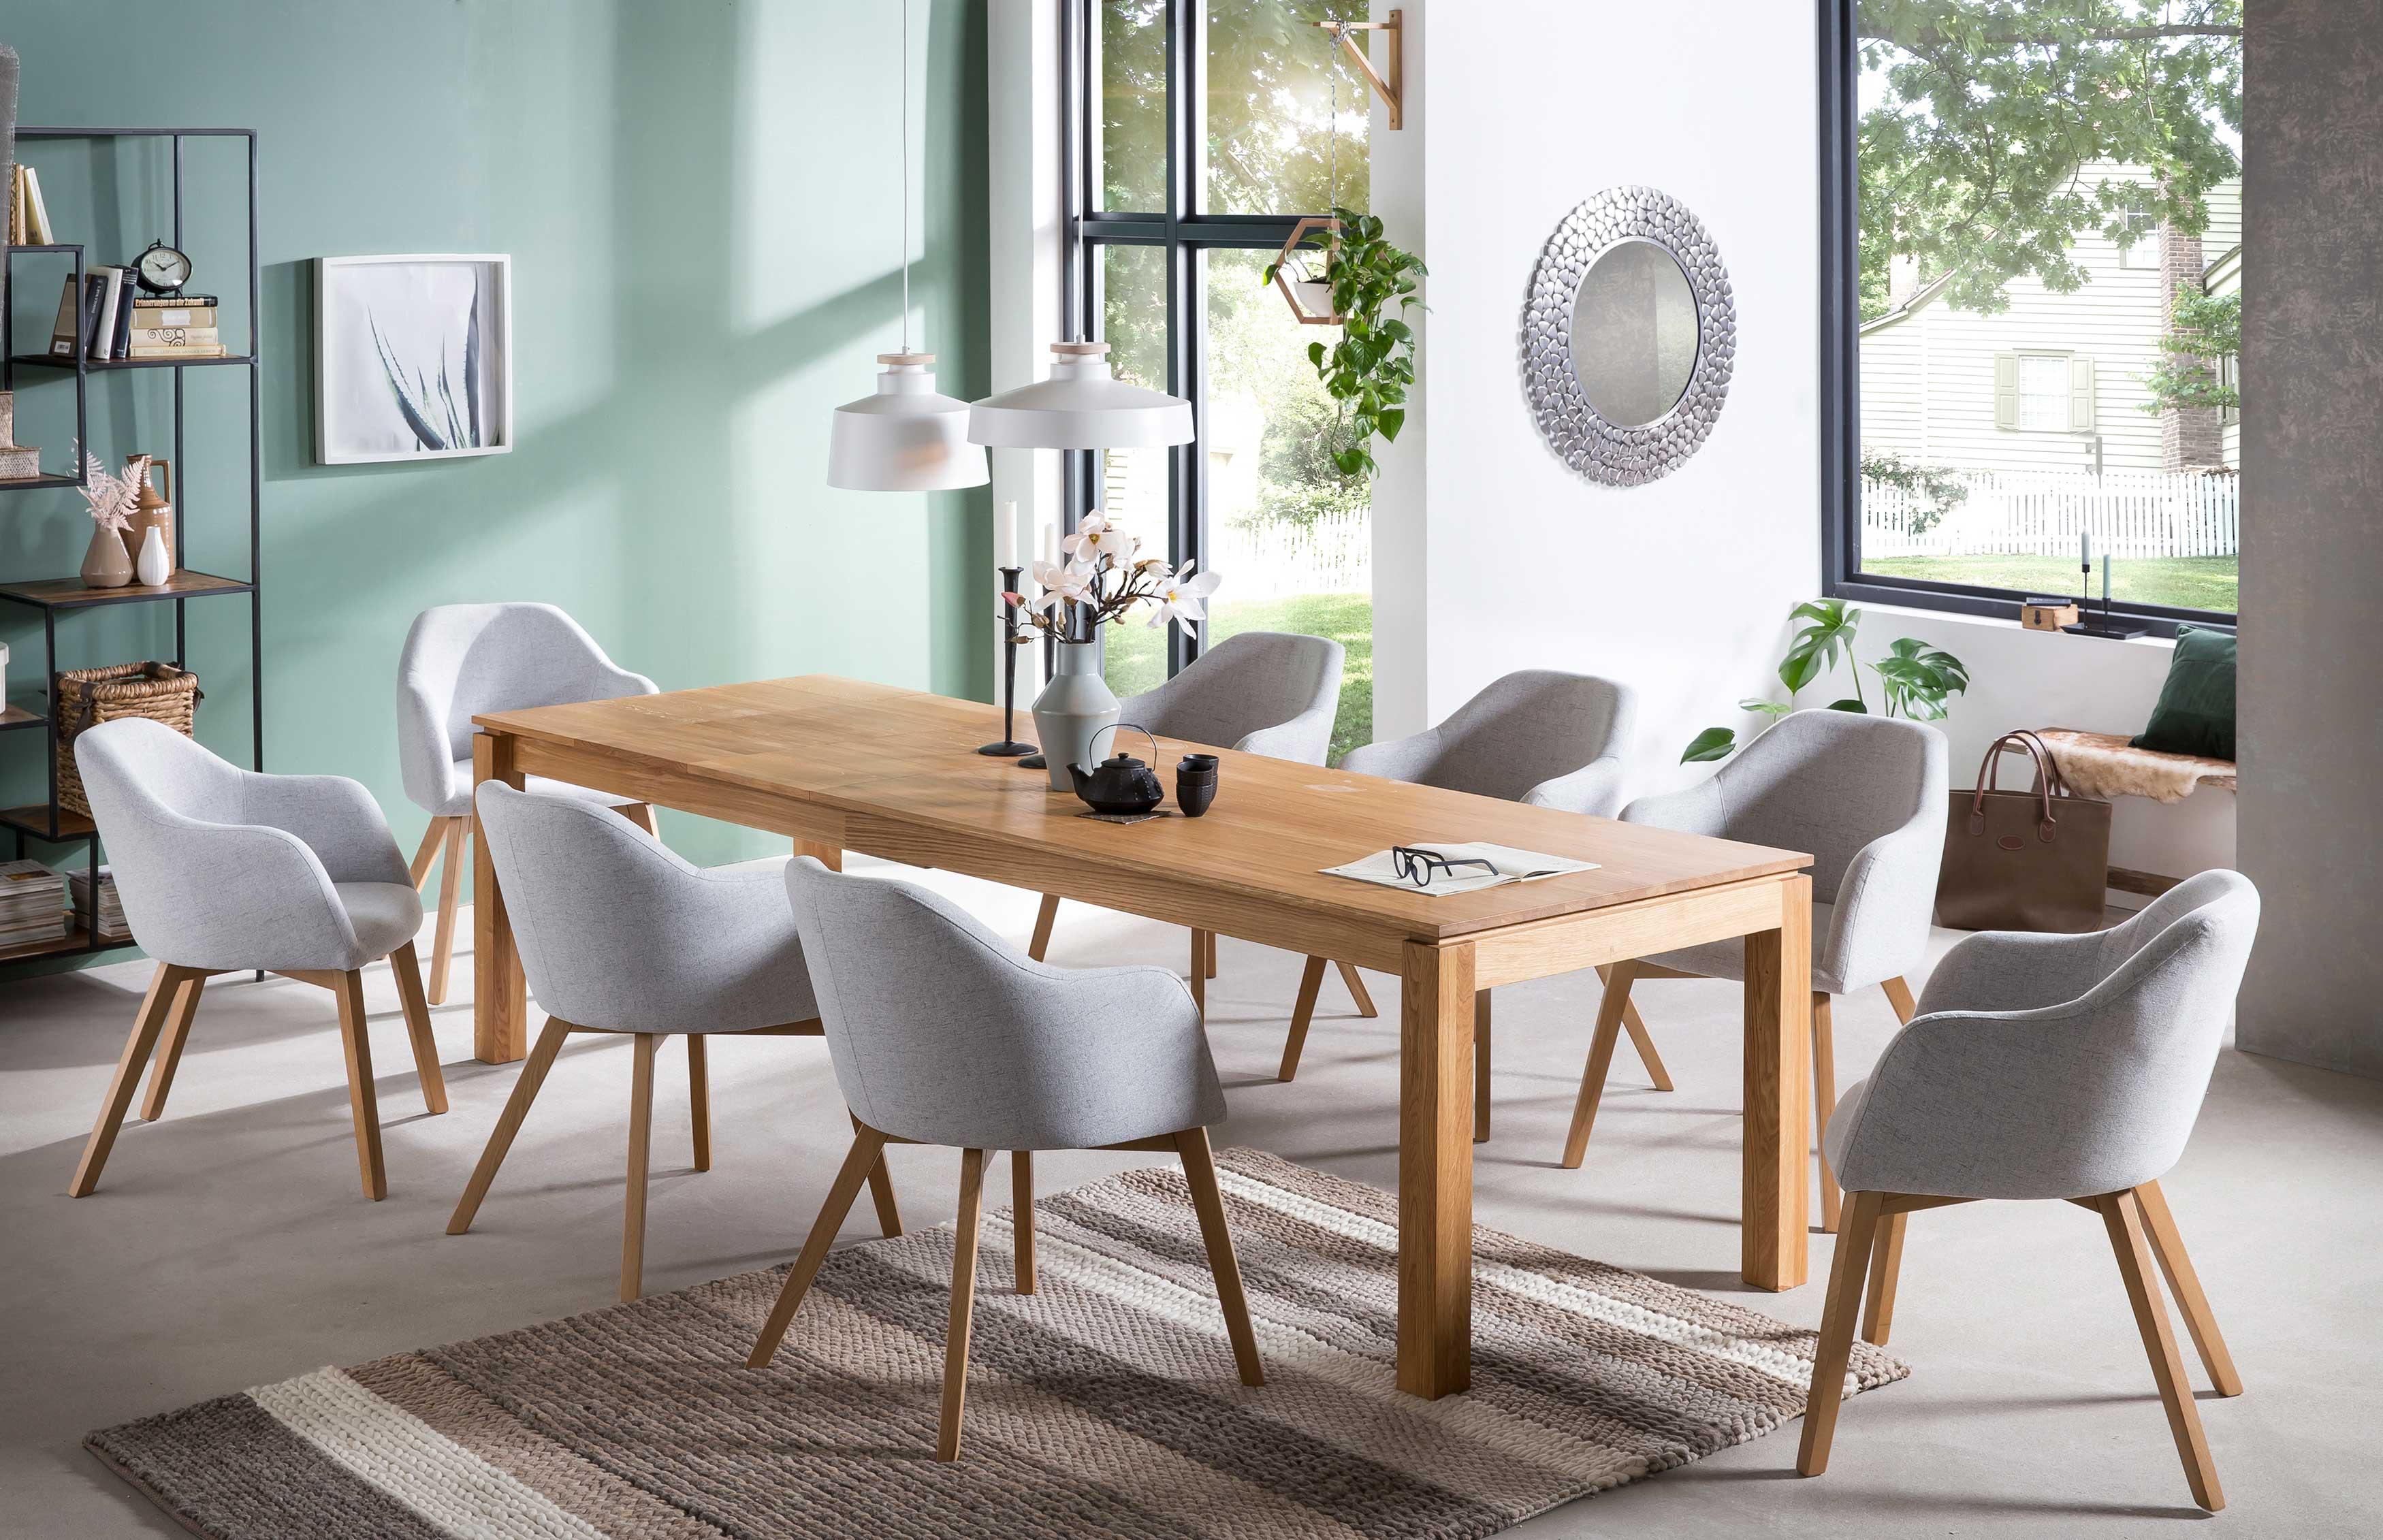 Standard Furniture Tischgruppe mit Kandel Massivholztisch und Stühlen Theo eiche